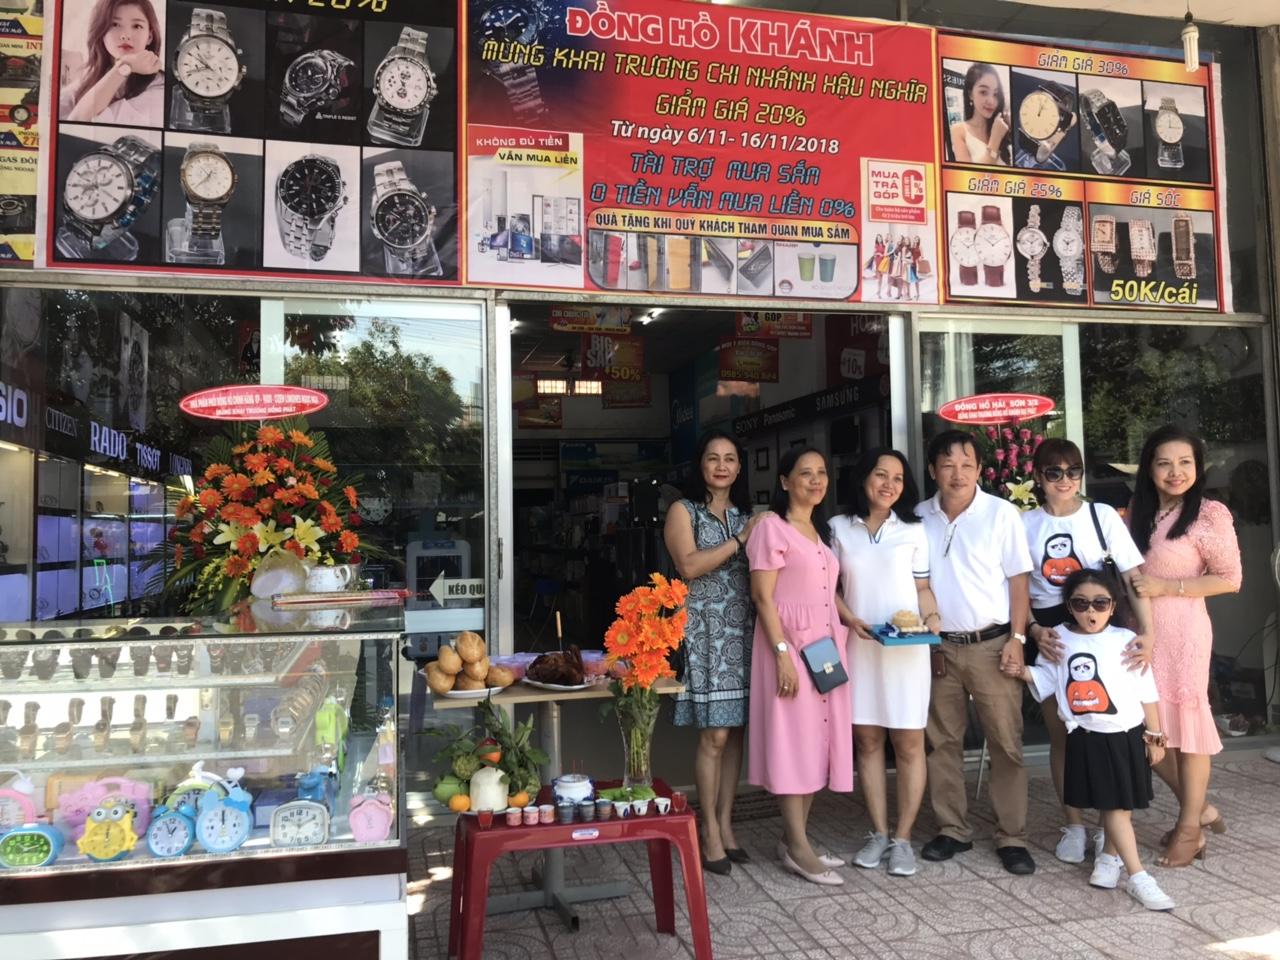 khanh-dong-ho-chuyen-buon-ban-dong-ho-si-va-le-khai-truong-tai-long-an.jpg